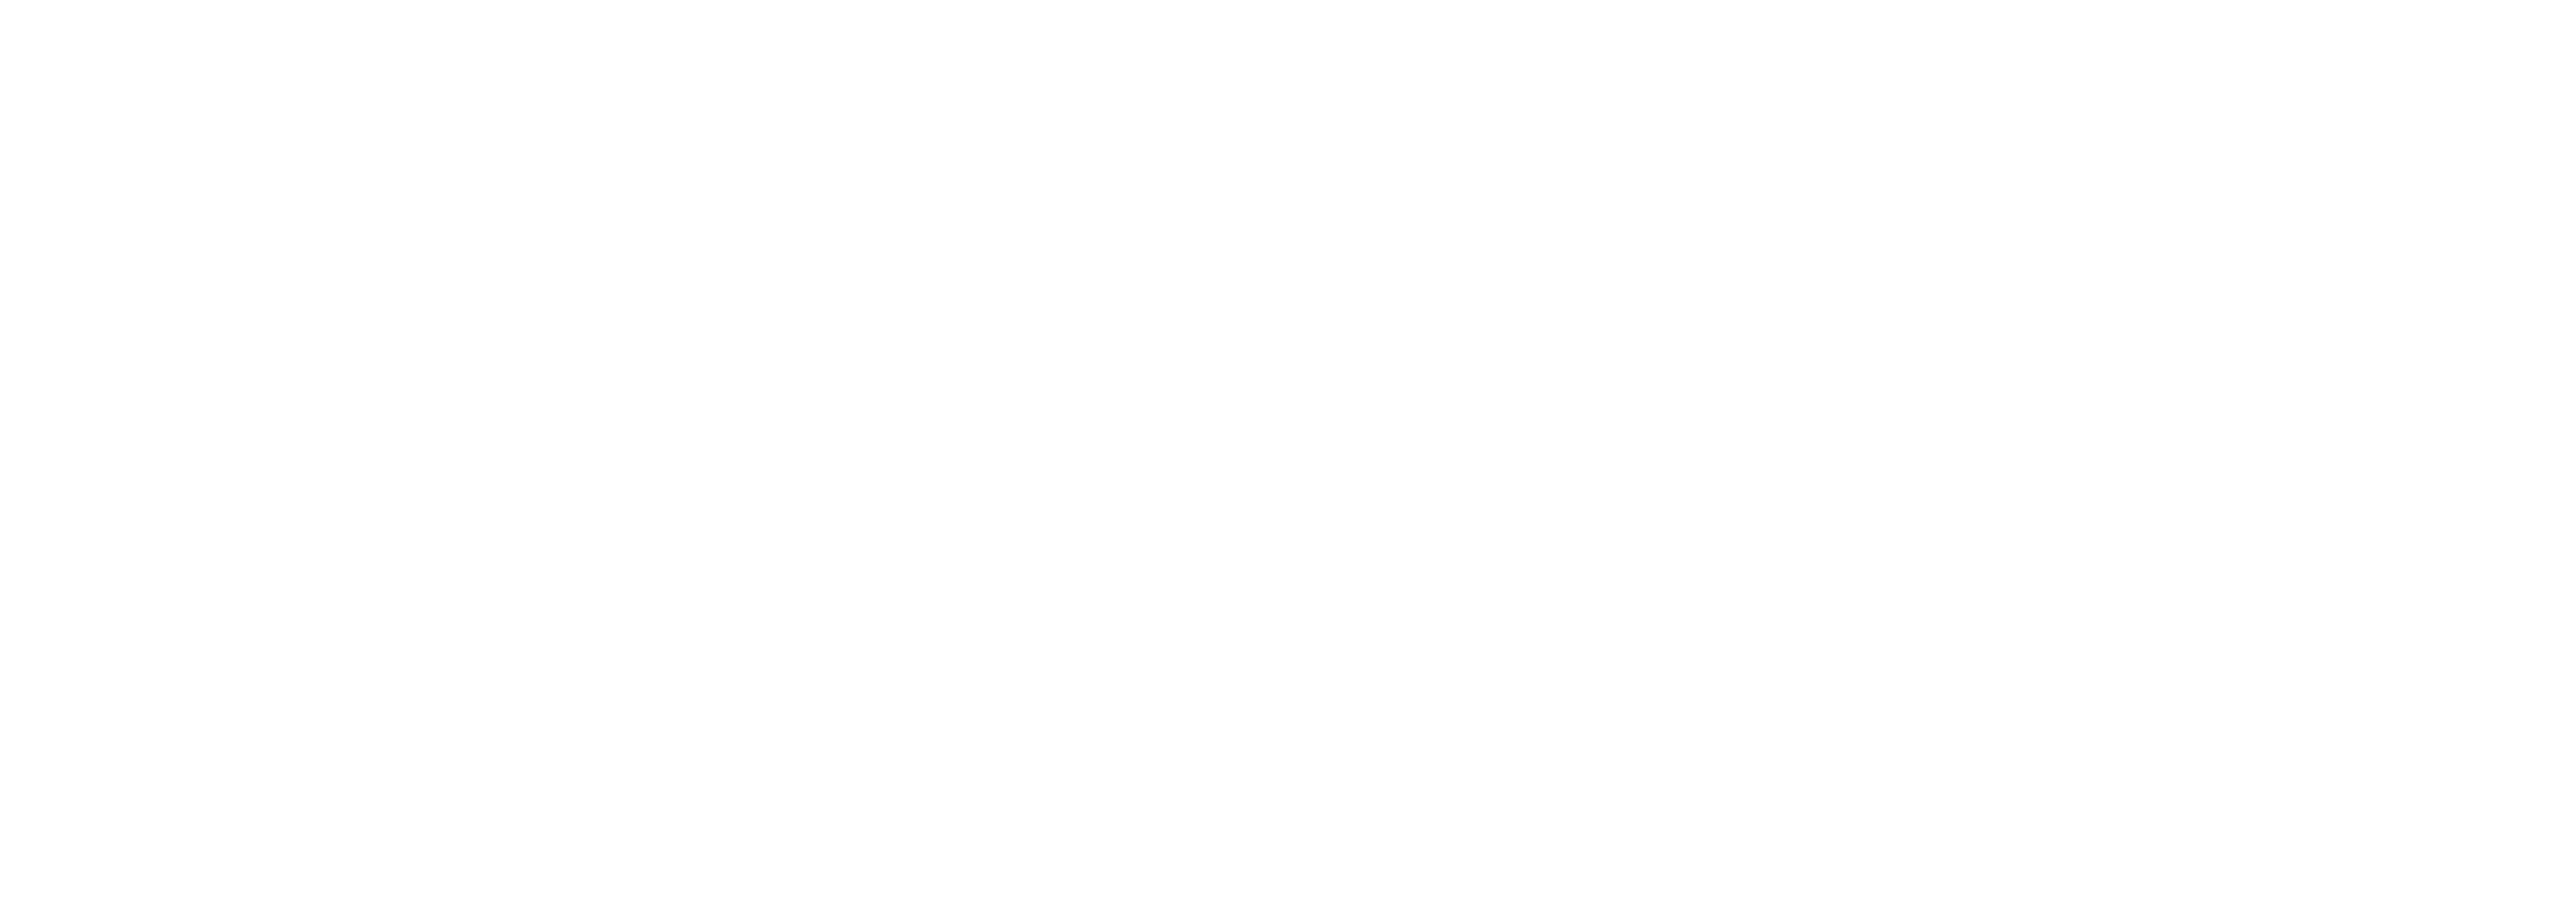 an integral part of Pillsbury United Communities